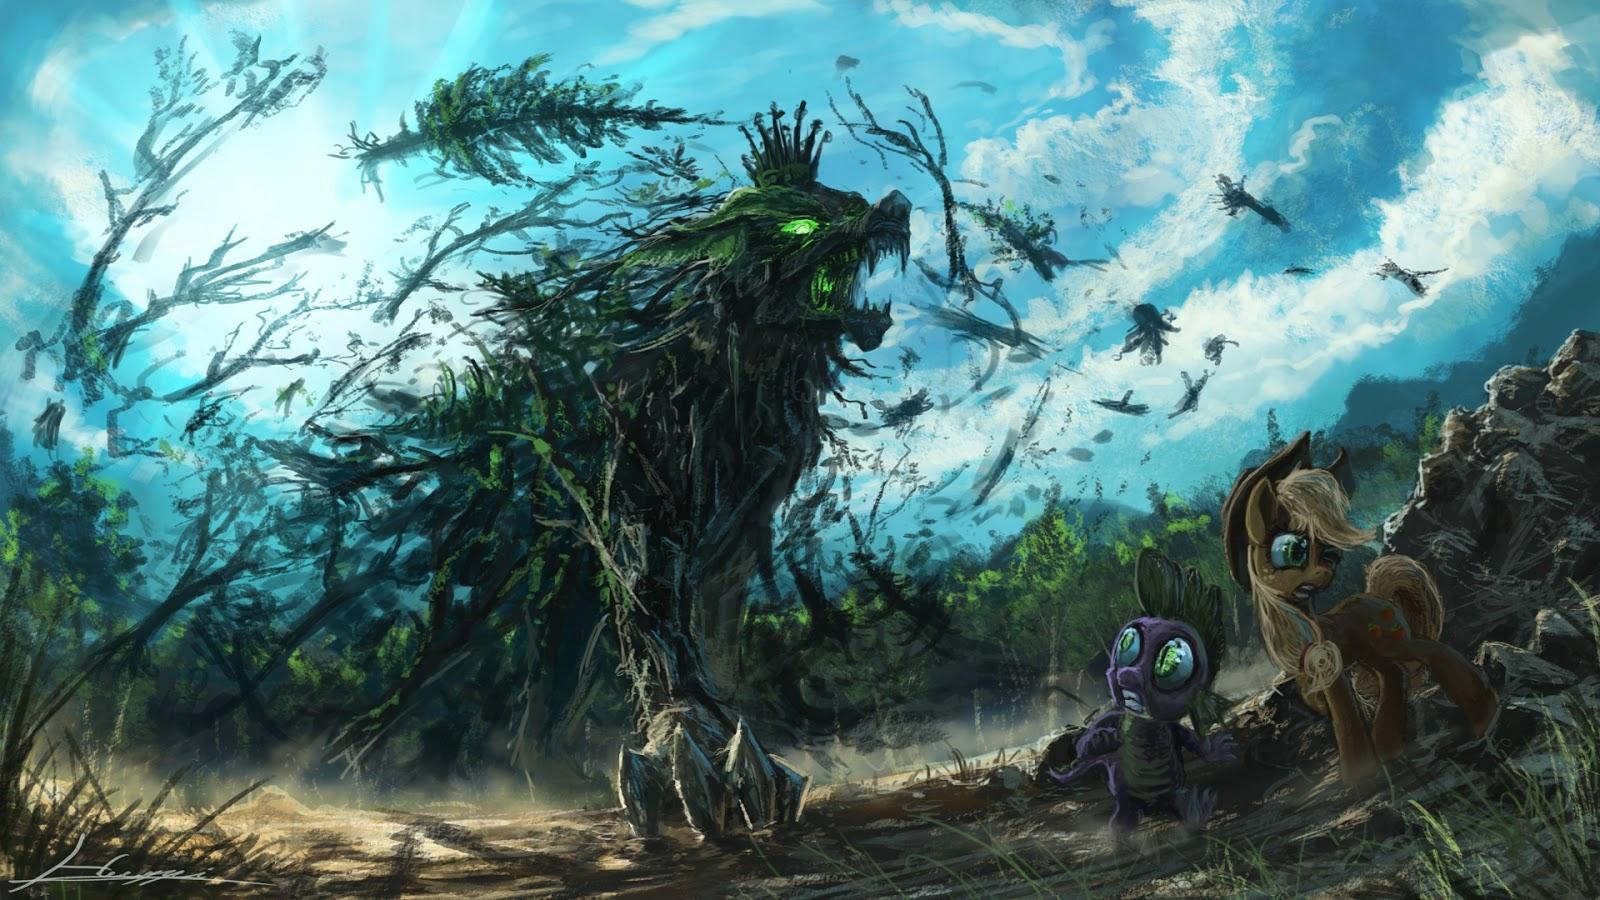 forest battle star war: